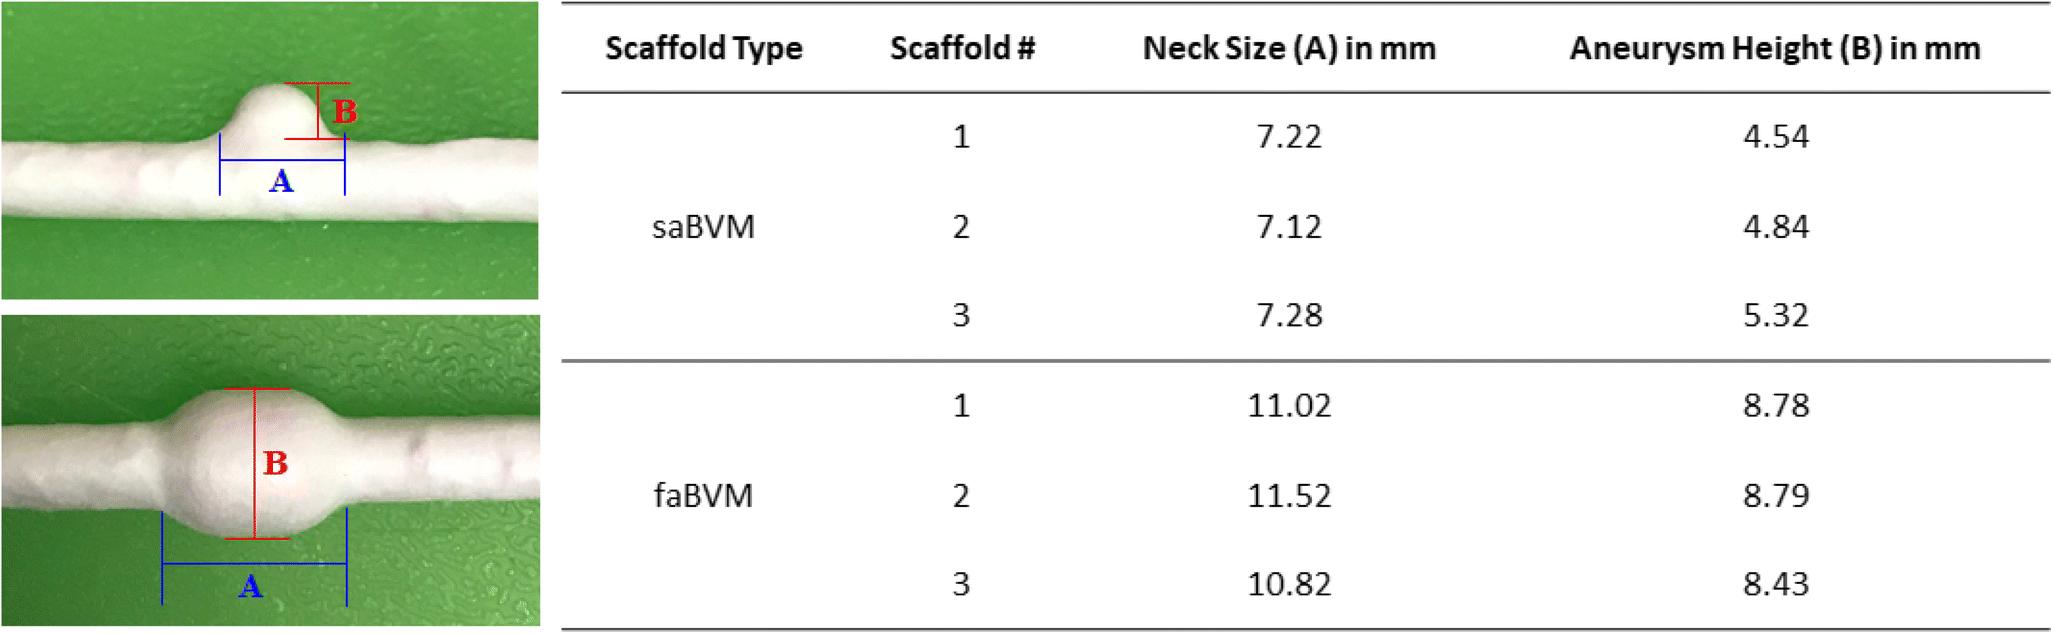 Tissue-engineered aneurysm models for in vitro assessment of